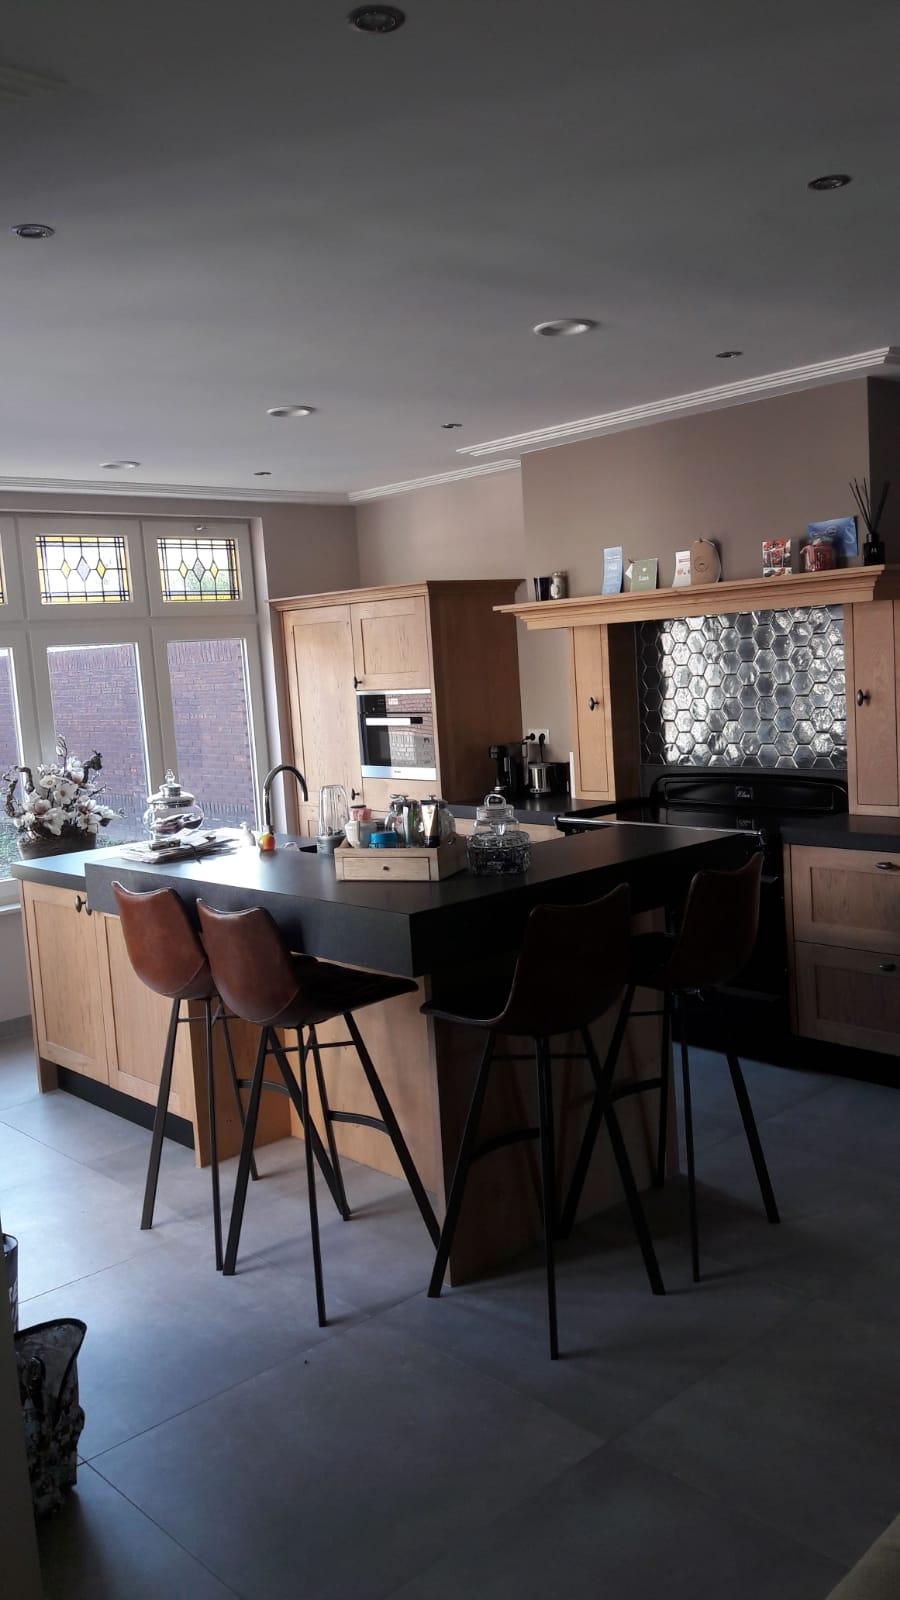 Landelijke keuken massief eiken met een eiland bar zitgedeelte Falcon inductie fornuis handgemaakt keuken Maatwerk op maat hout K2 Keukens en Meubels vakmanschap4